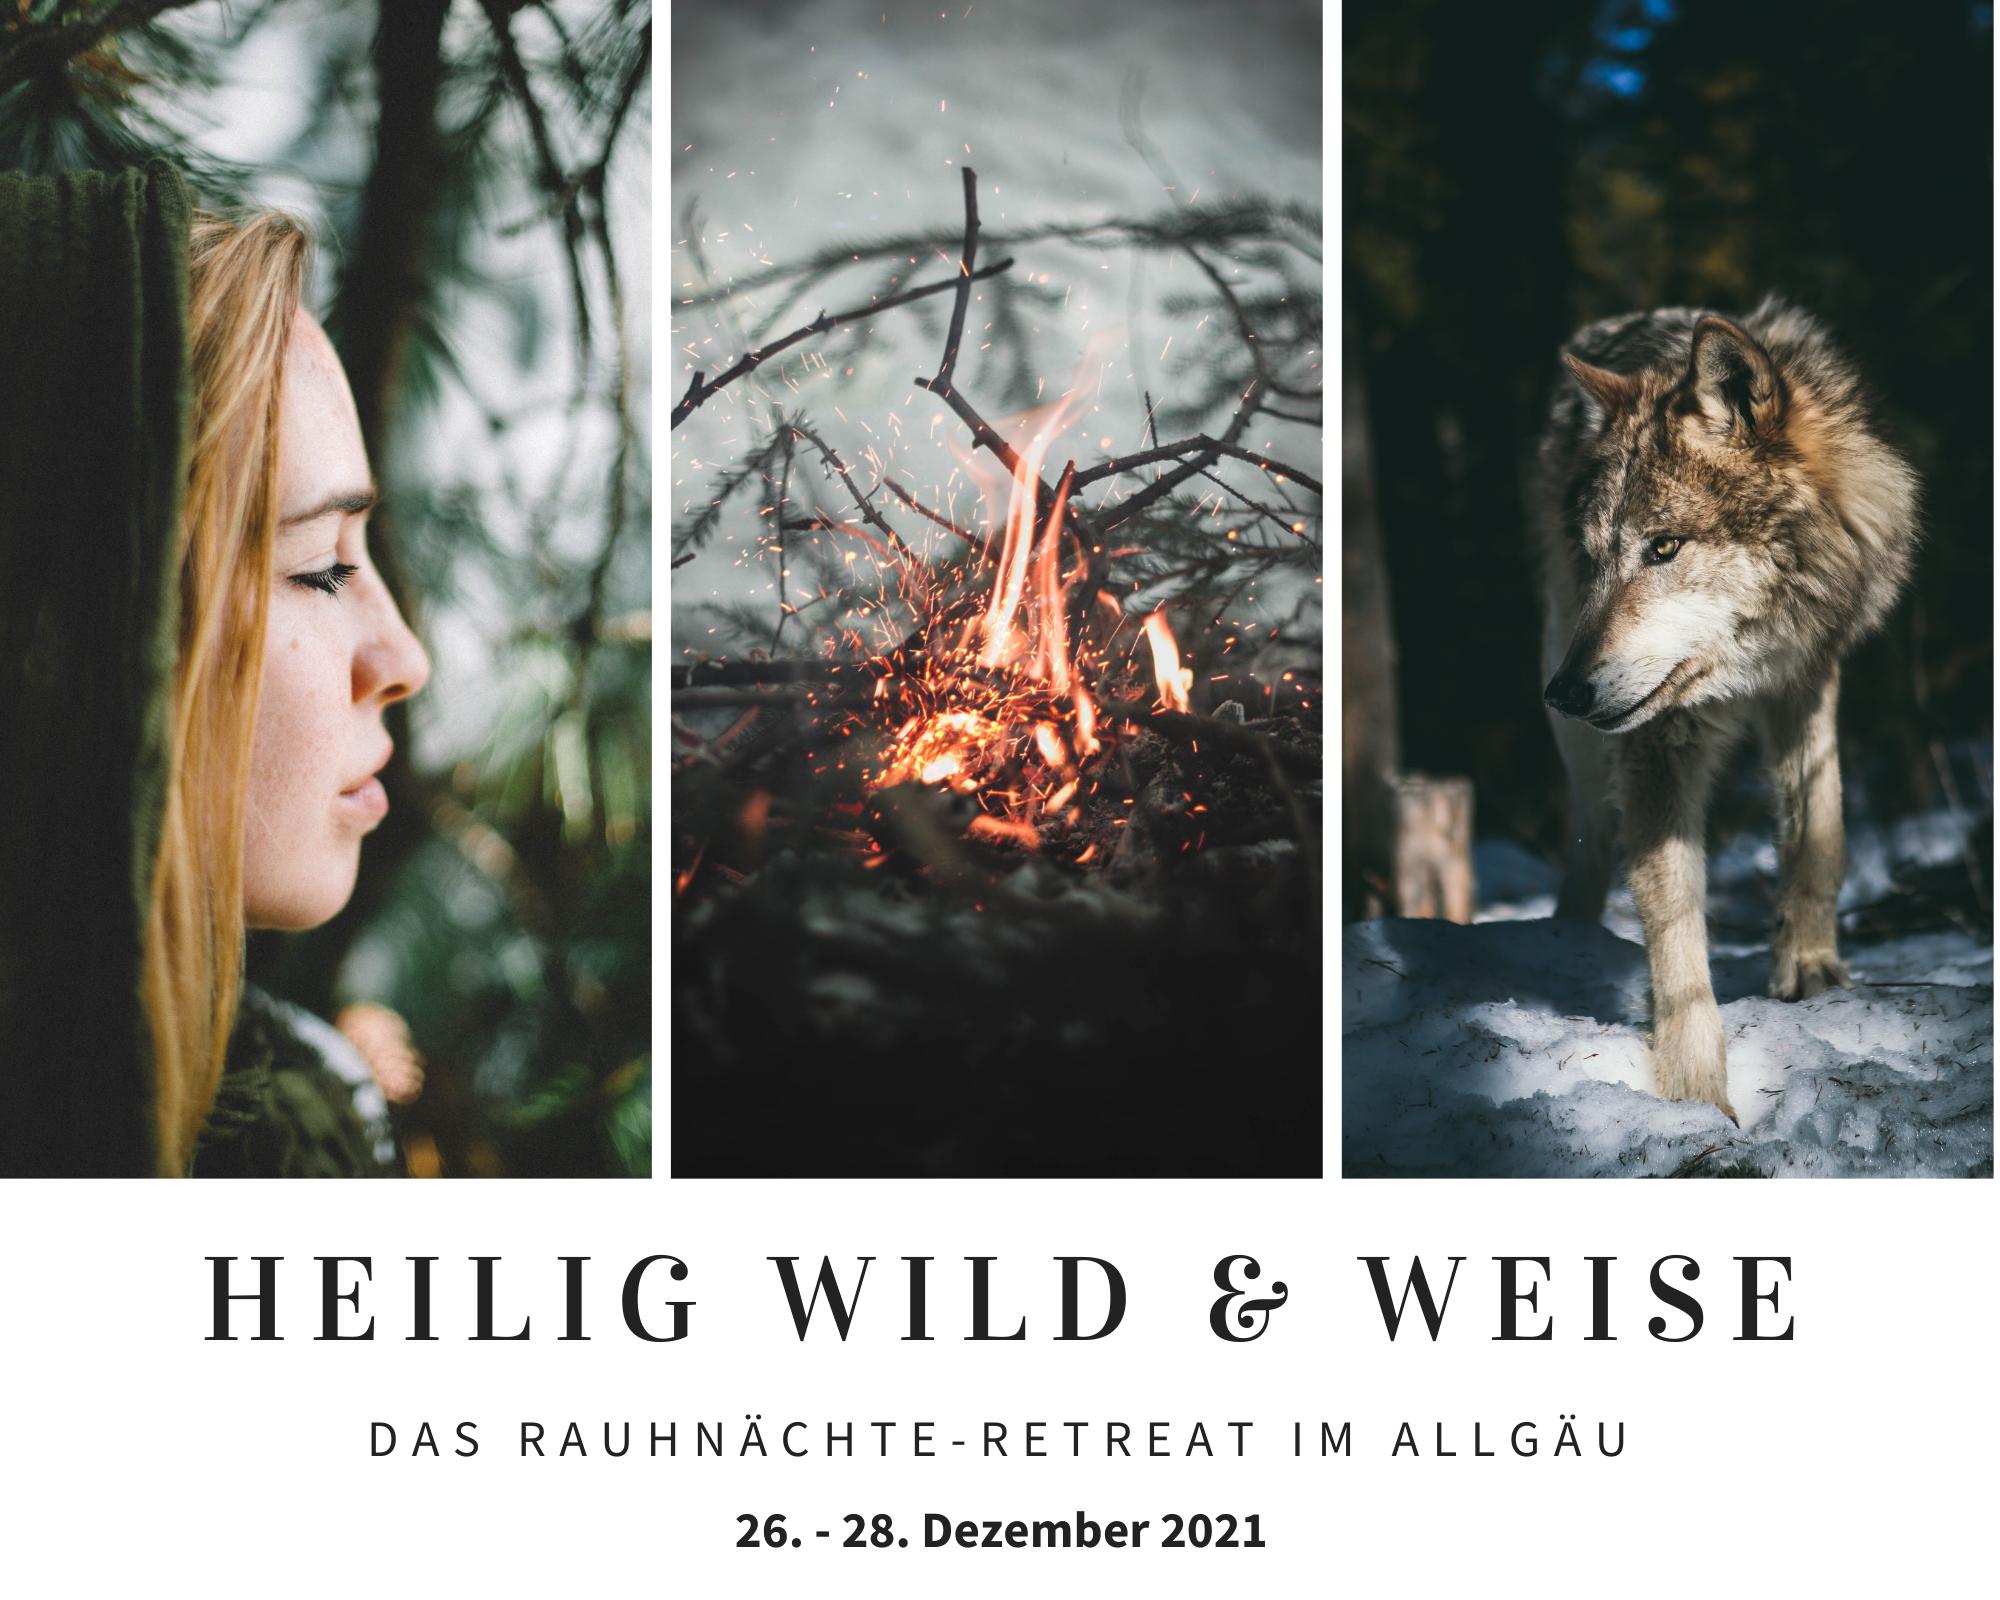 Heilig wild & weise